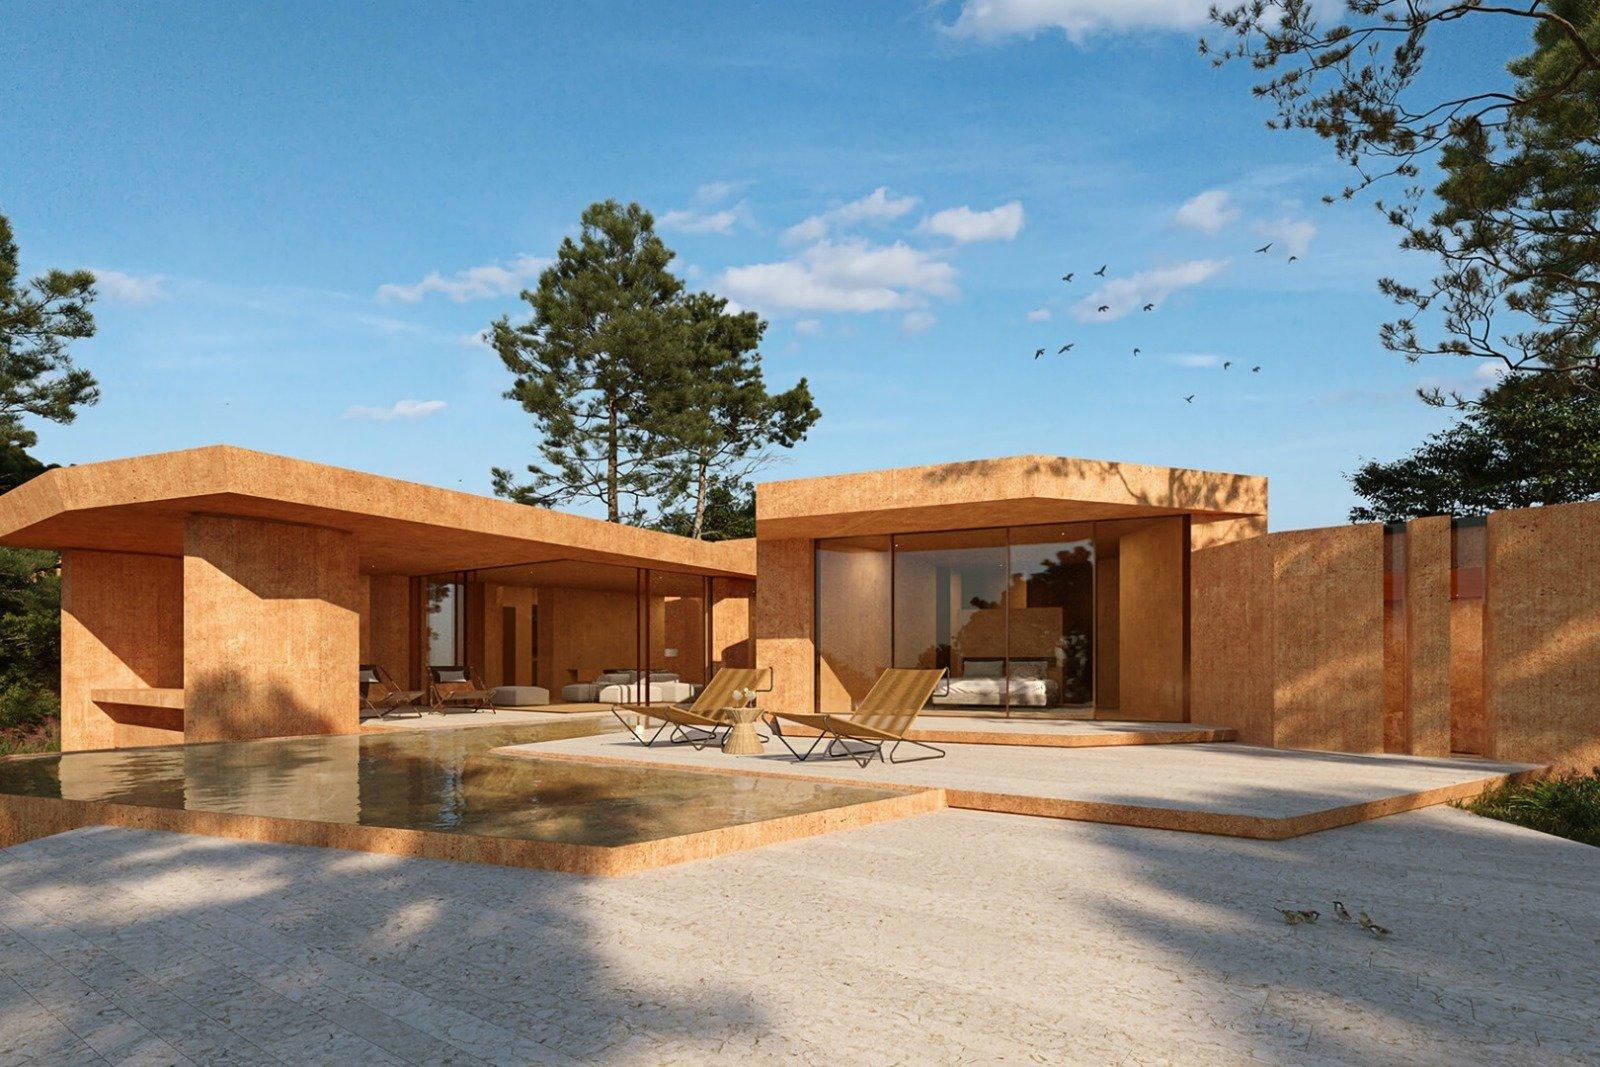 4 Bedroom Villa Lagos, Western Algarve Ref: GV592